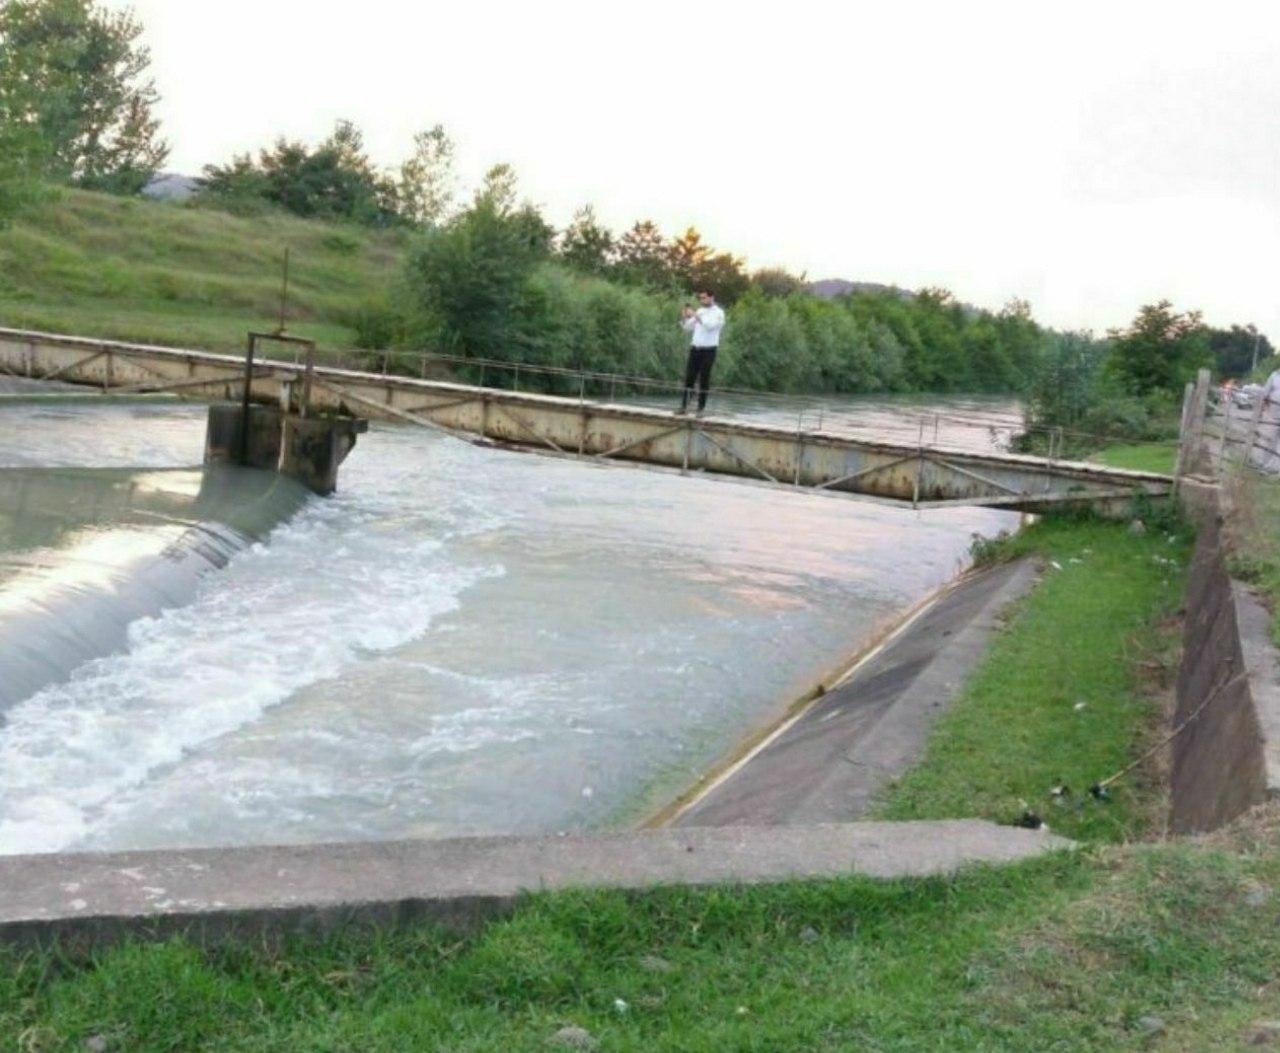 مرگ یک نوجوان در کانال آب